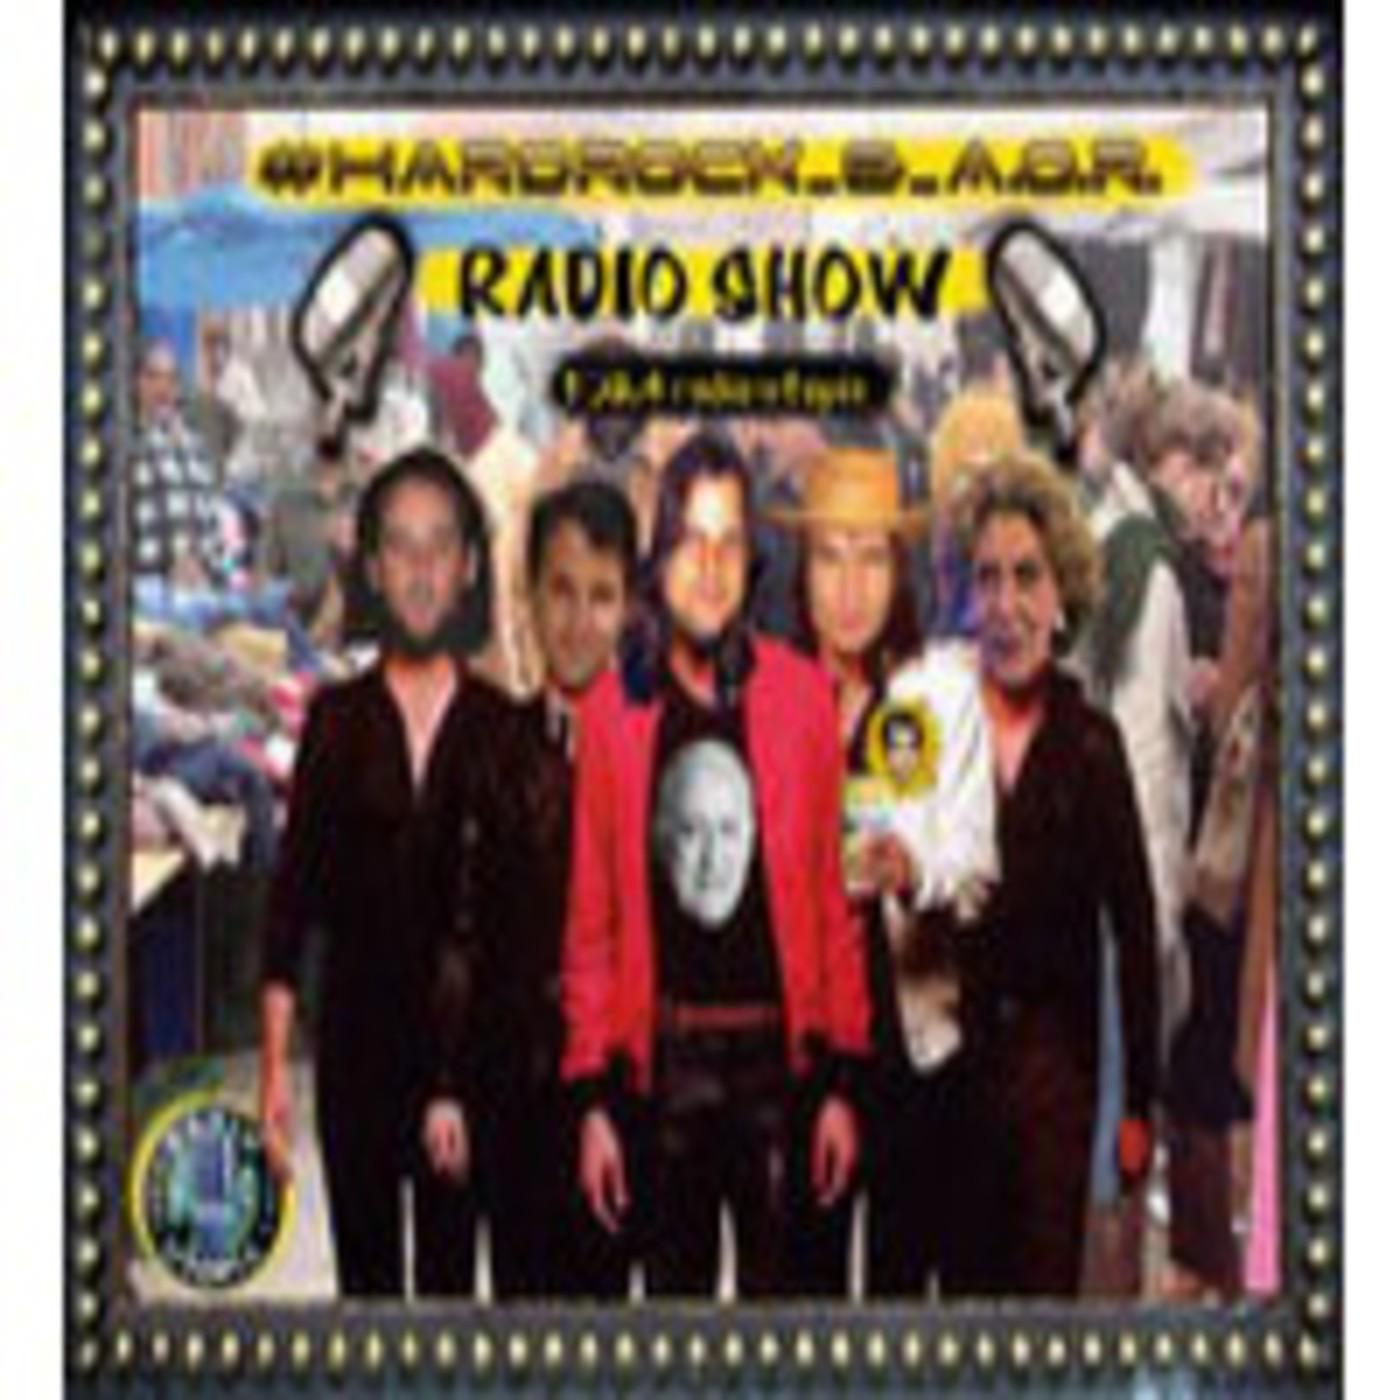 Rock Angels Radio Show - 20/02/2011 - FALLEN ANGEL TOPS 2010